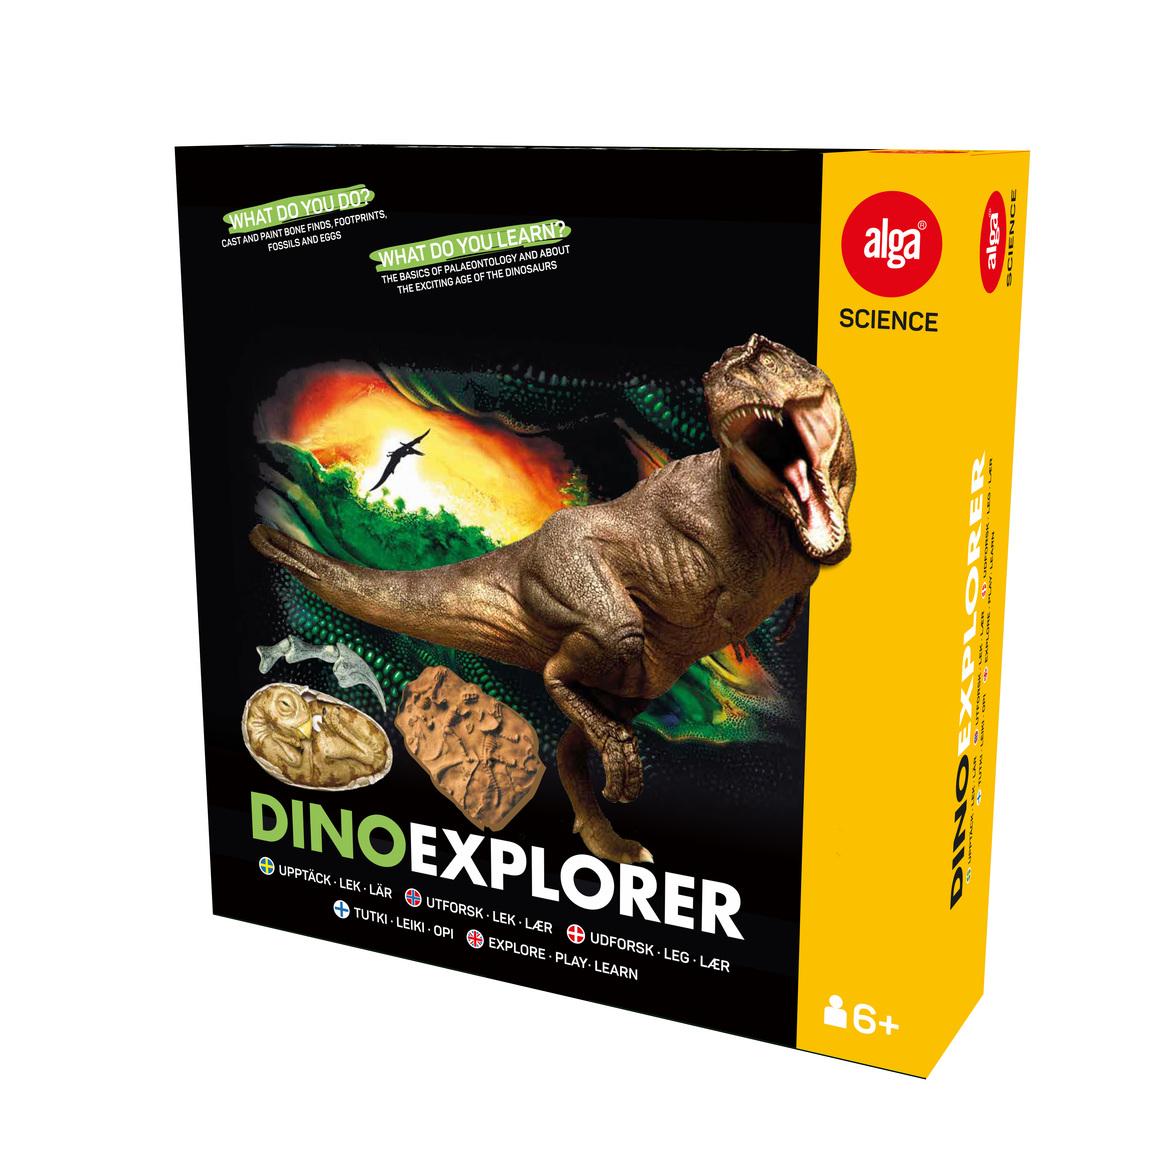 Dino Explorer